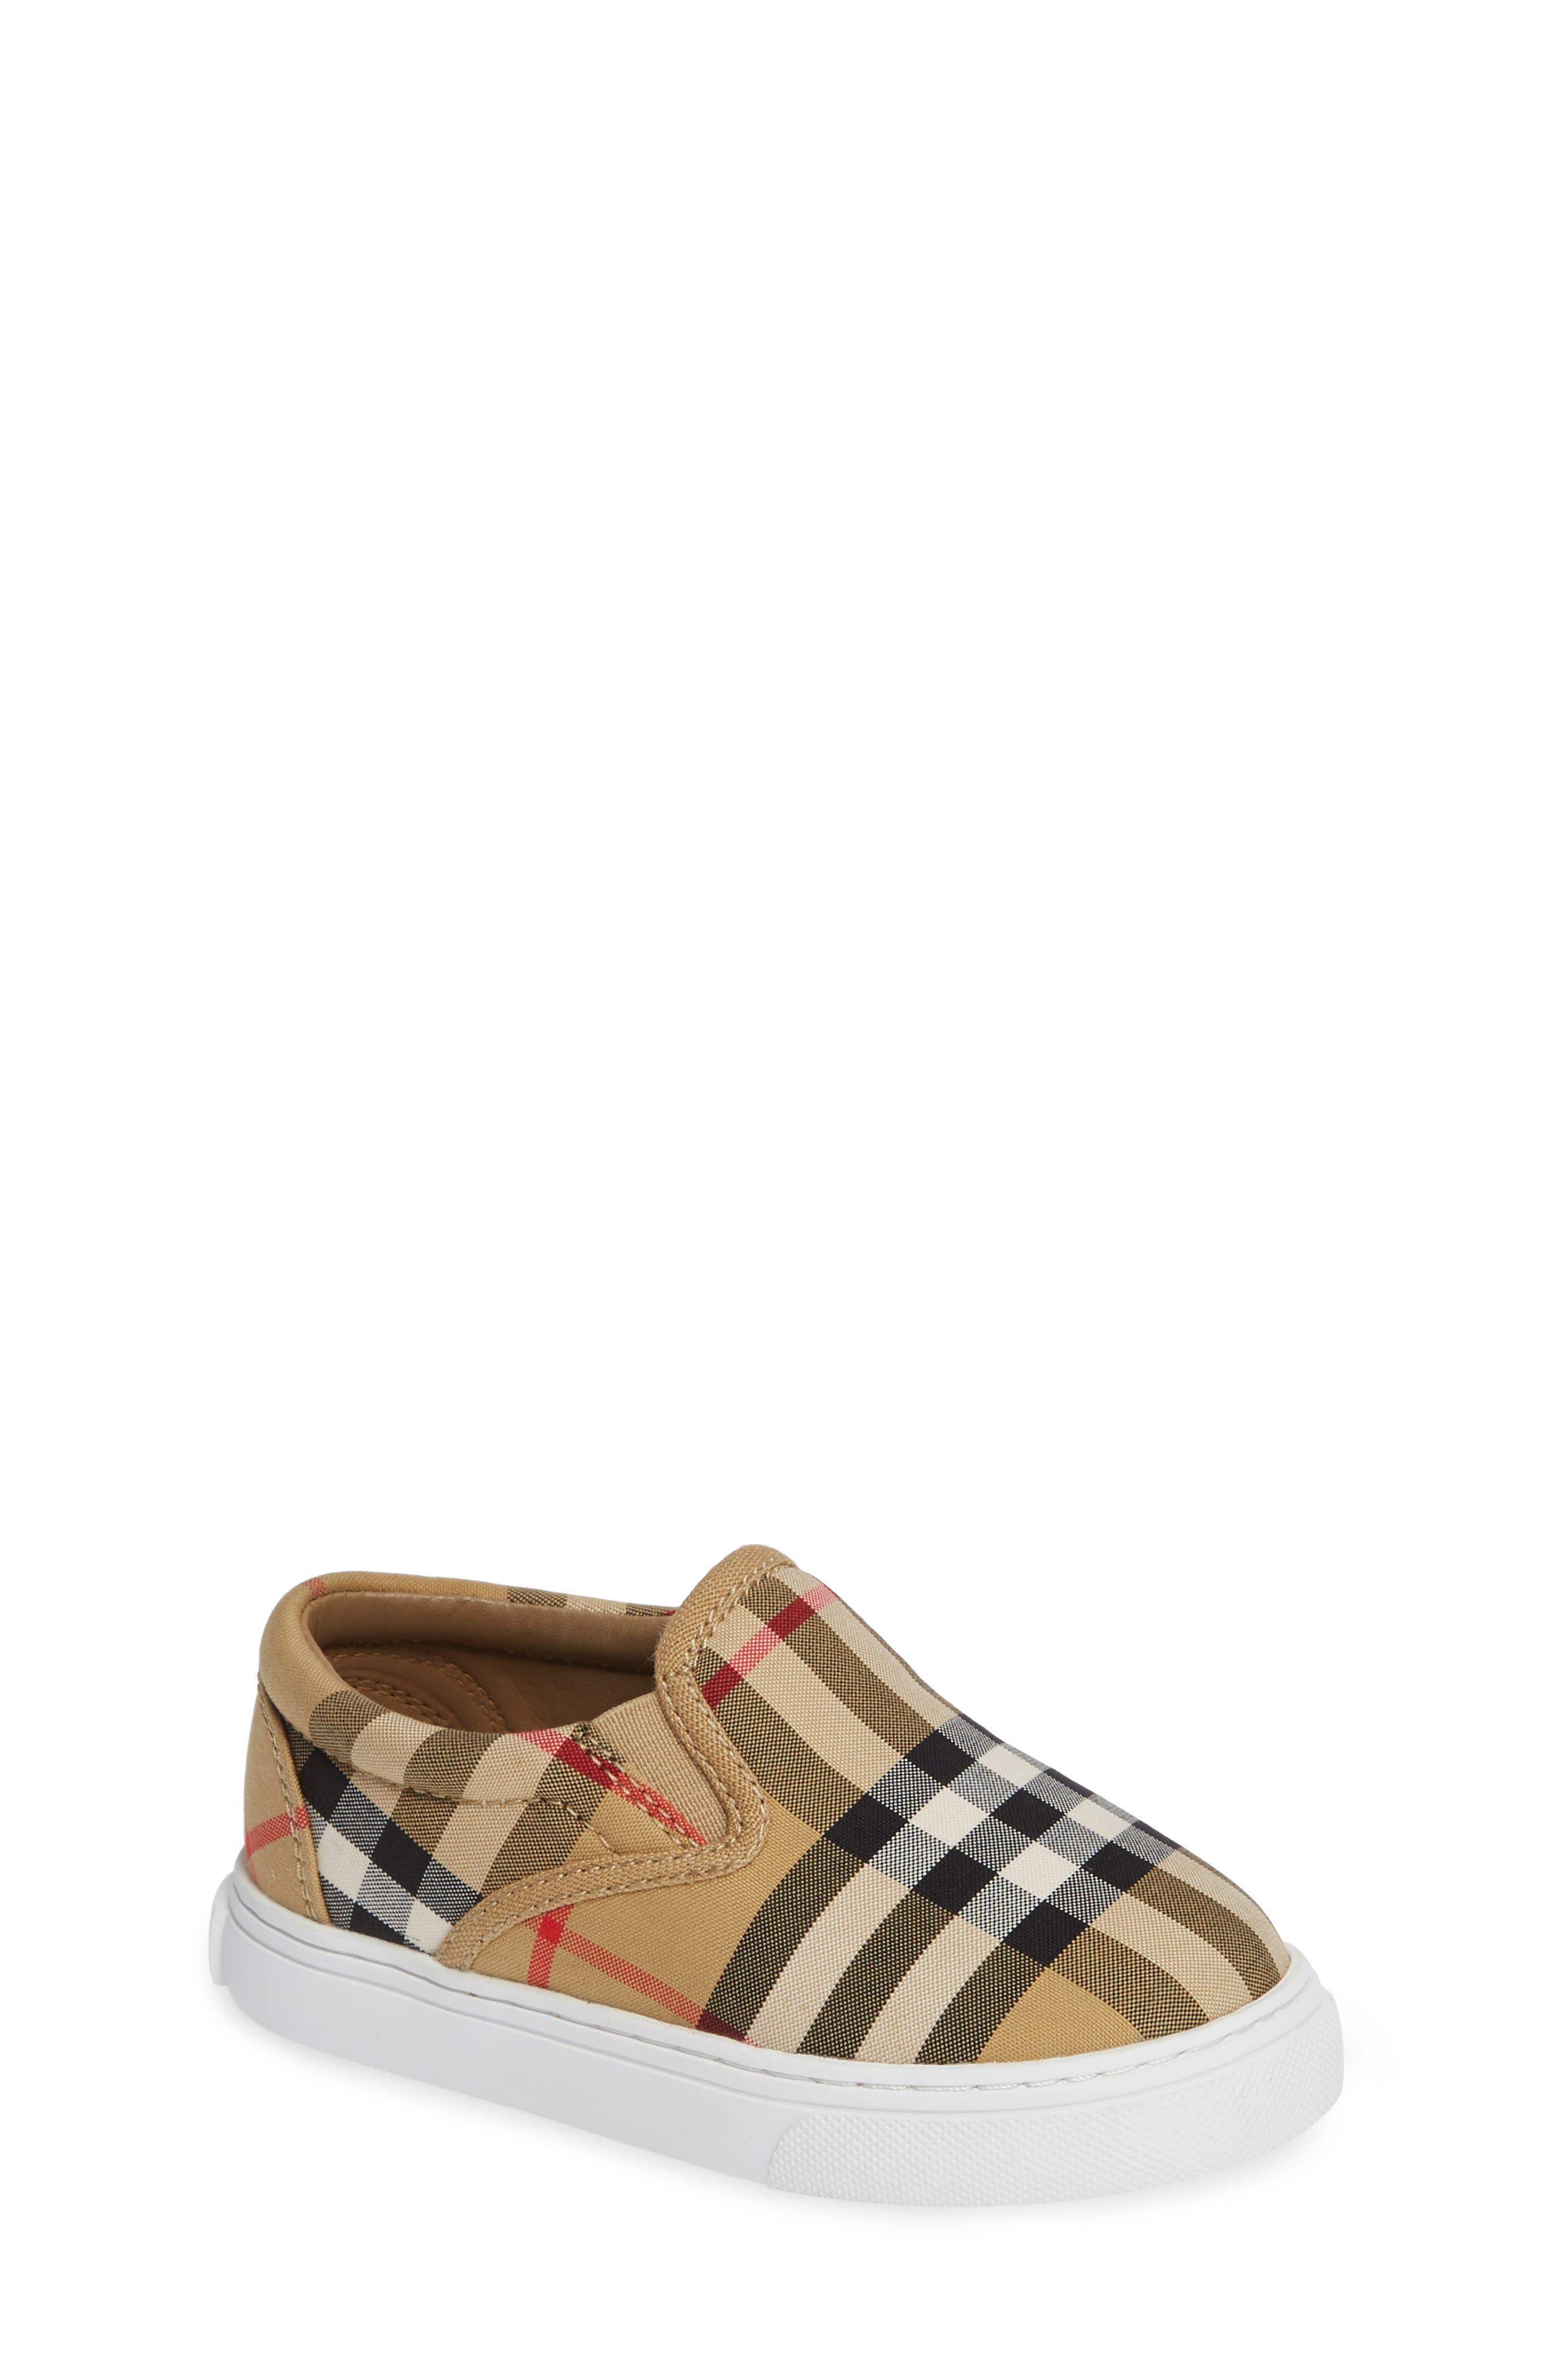 designer kids shoes nordstrom rh shop nordstrom com